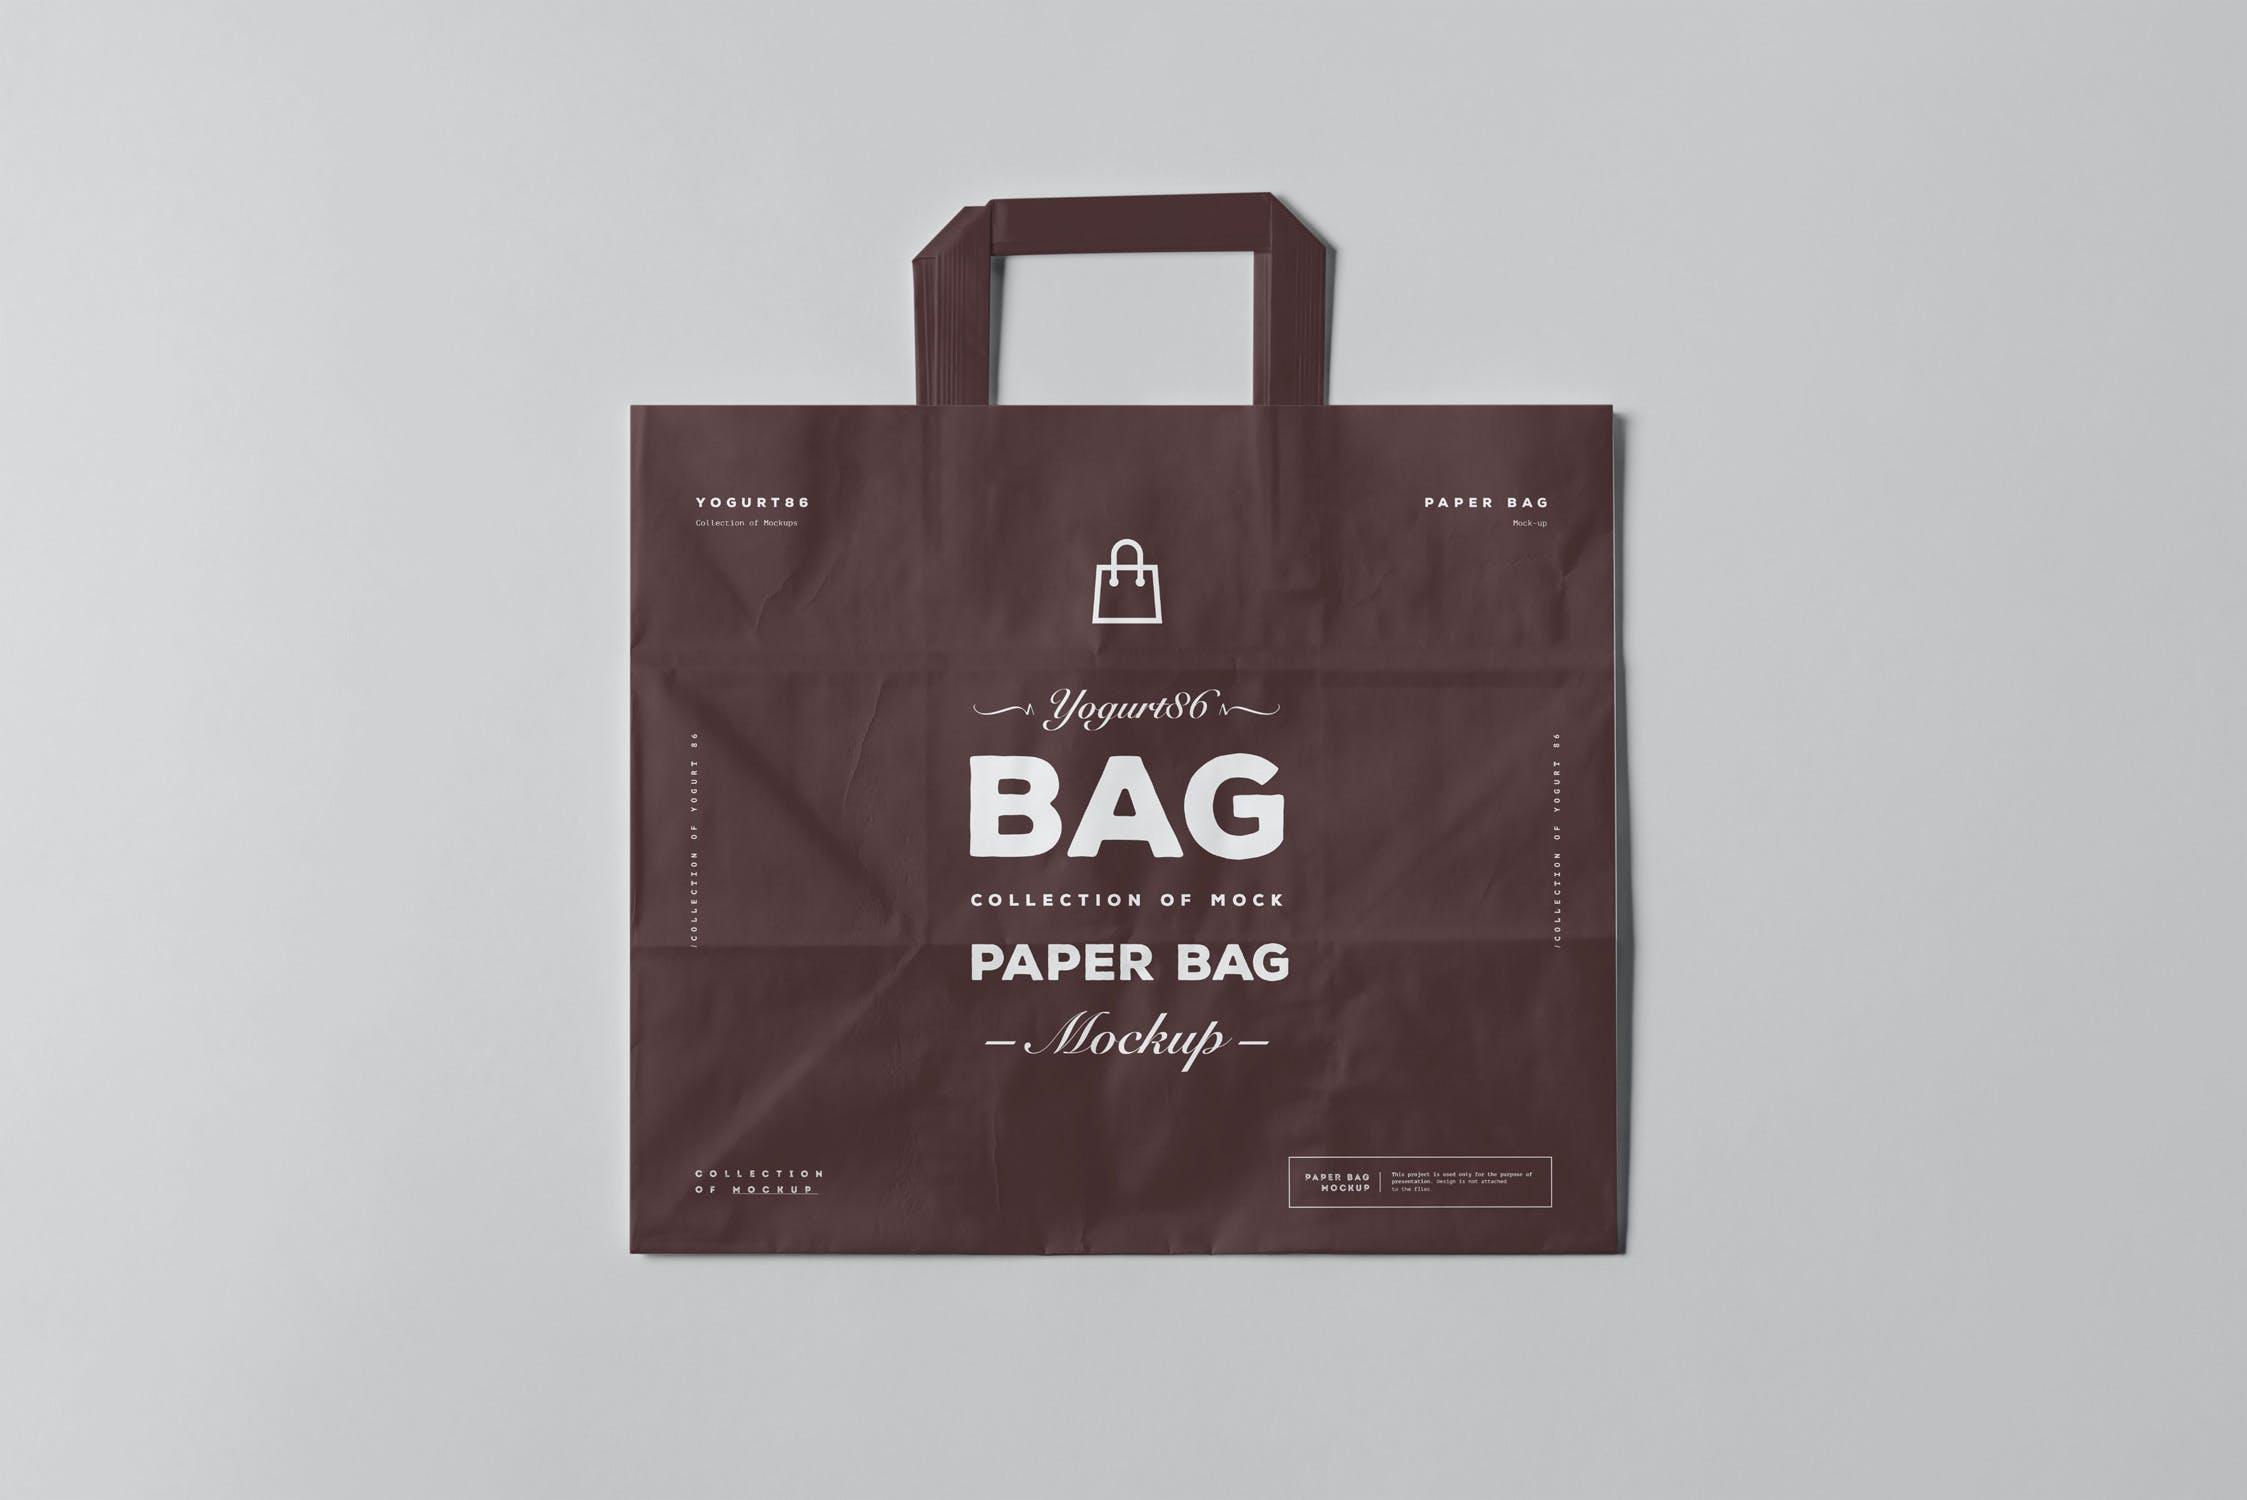 11款商城购物手提纸袋设计展示样机 Paper Bag Mockup 3插图(12)